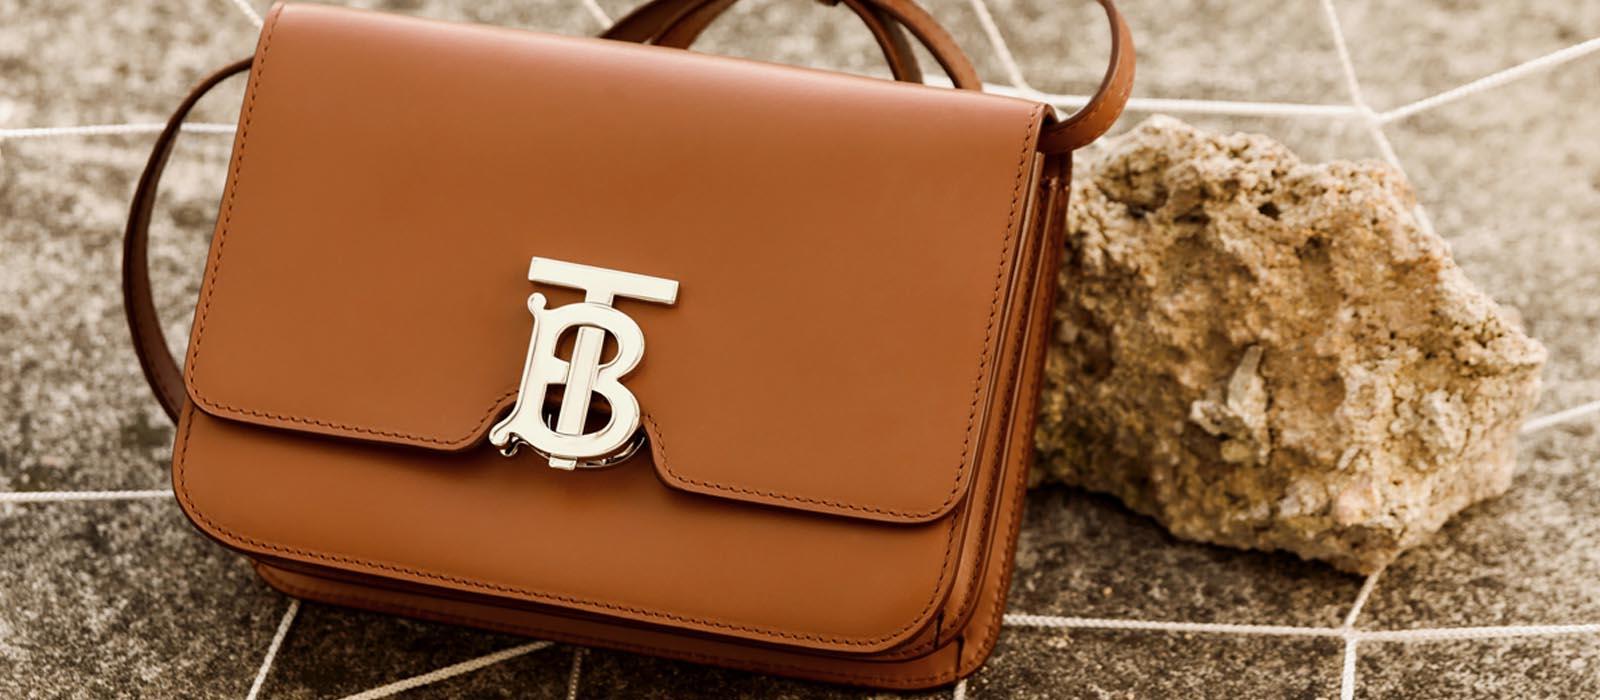 TB Bag của Burberry 2